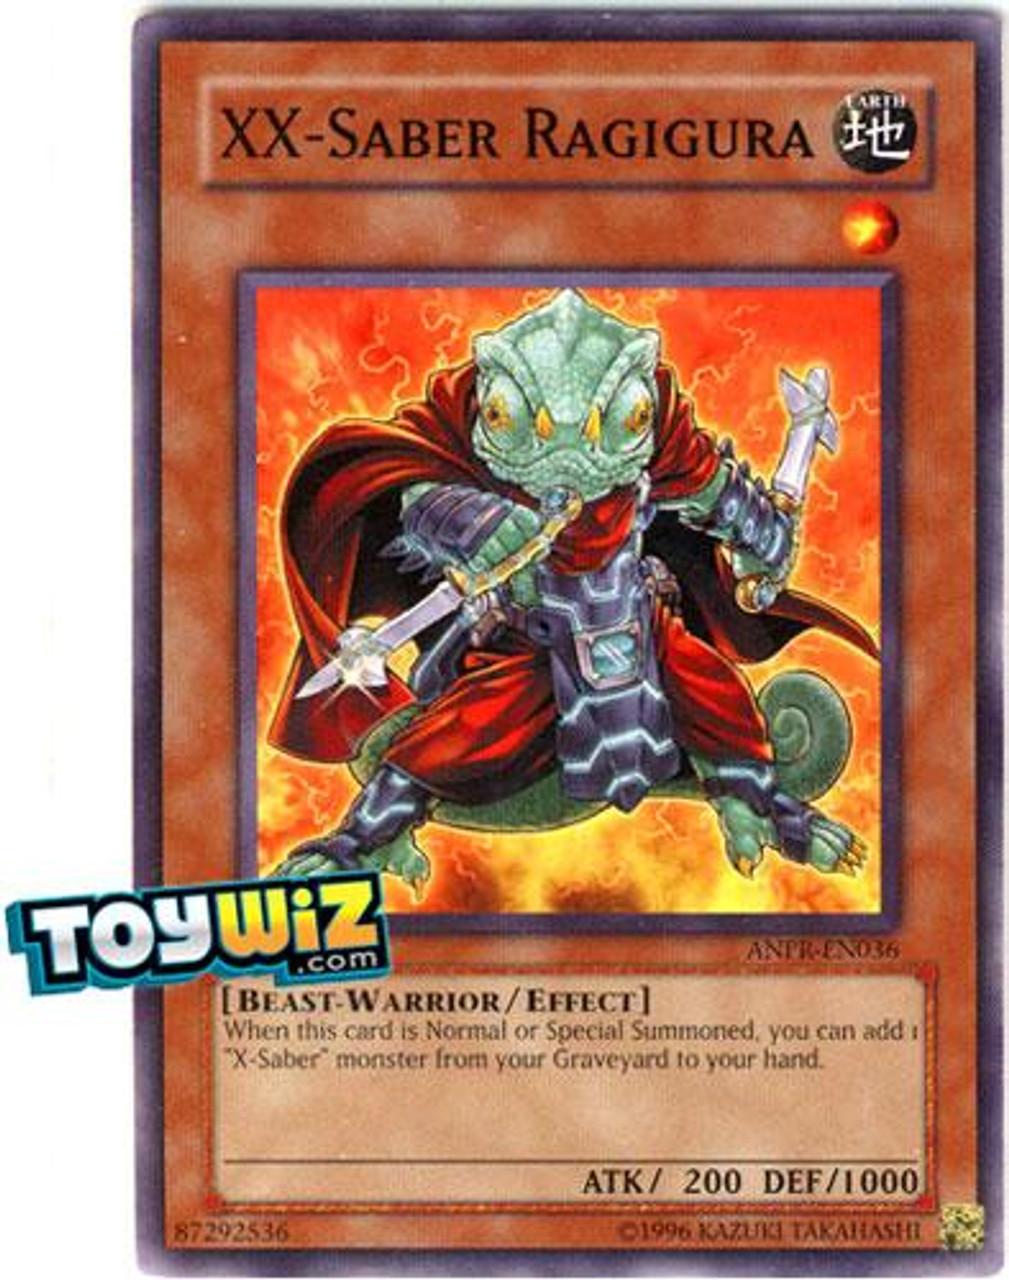 YuGiOh Ancient Prophecy Common XX-Saber Ragigura ANPR-EN036